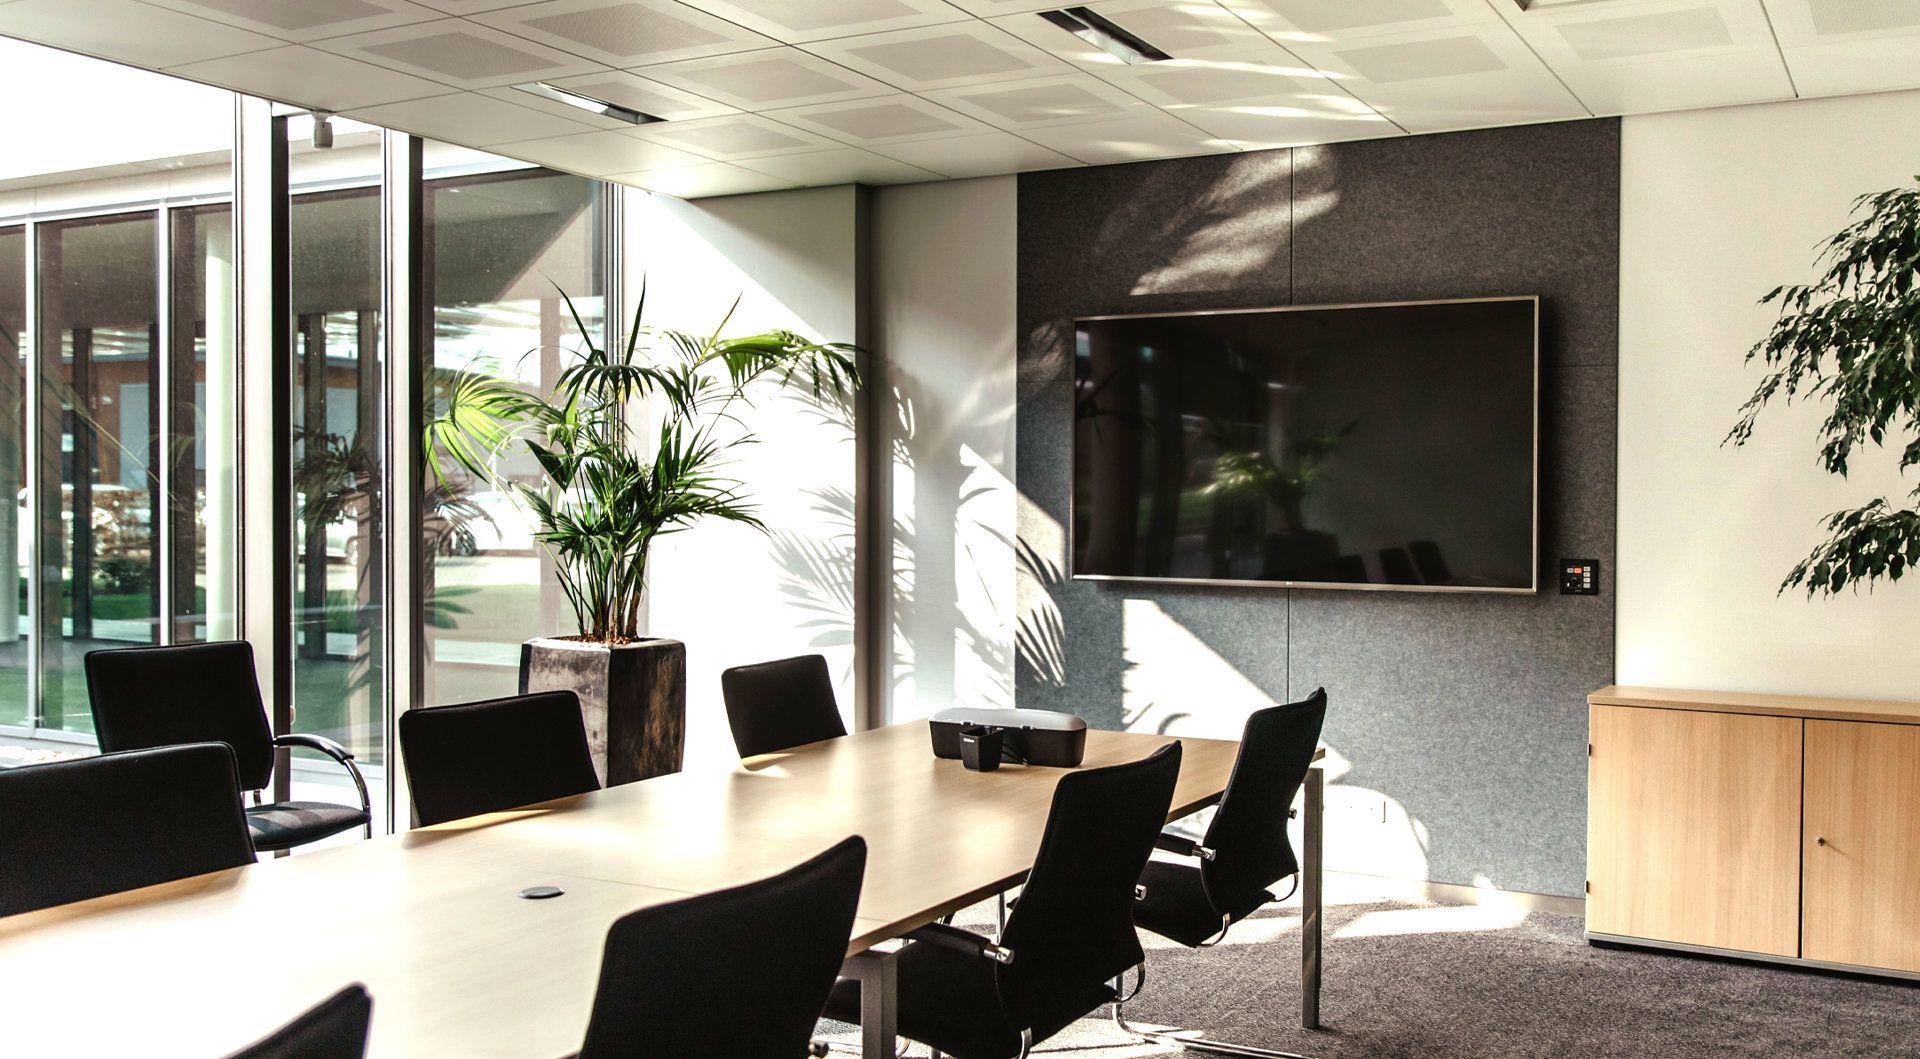 """Projecta Elpro Concept projectiescherm 3,1 m (122"""") 16:9 - Case studie de vries"""